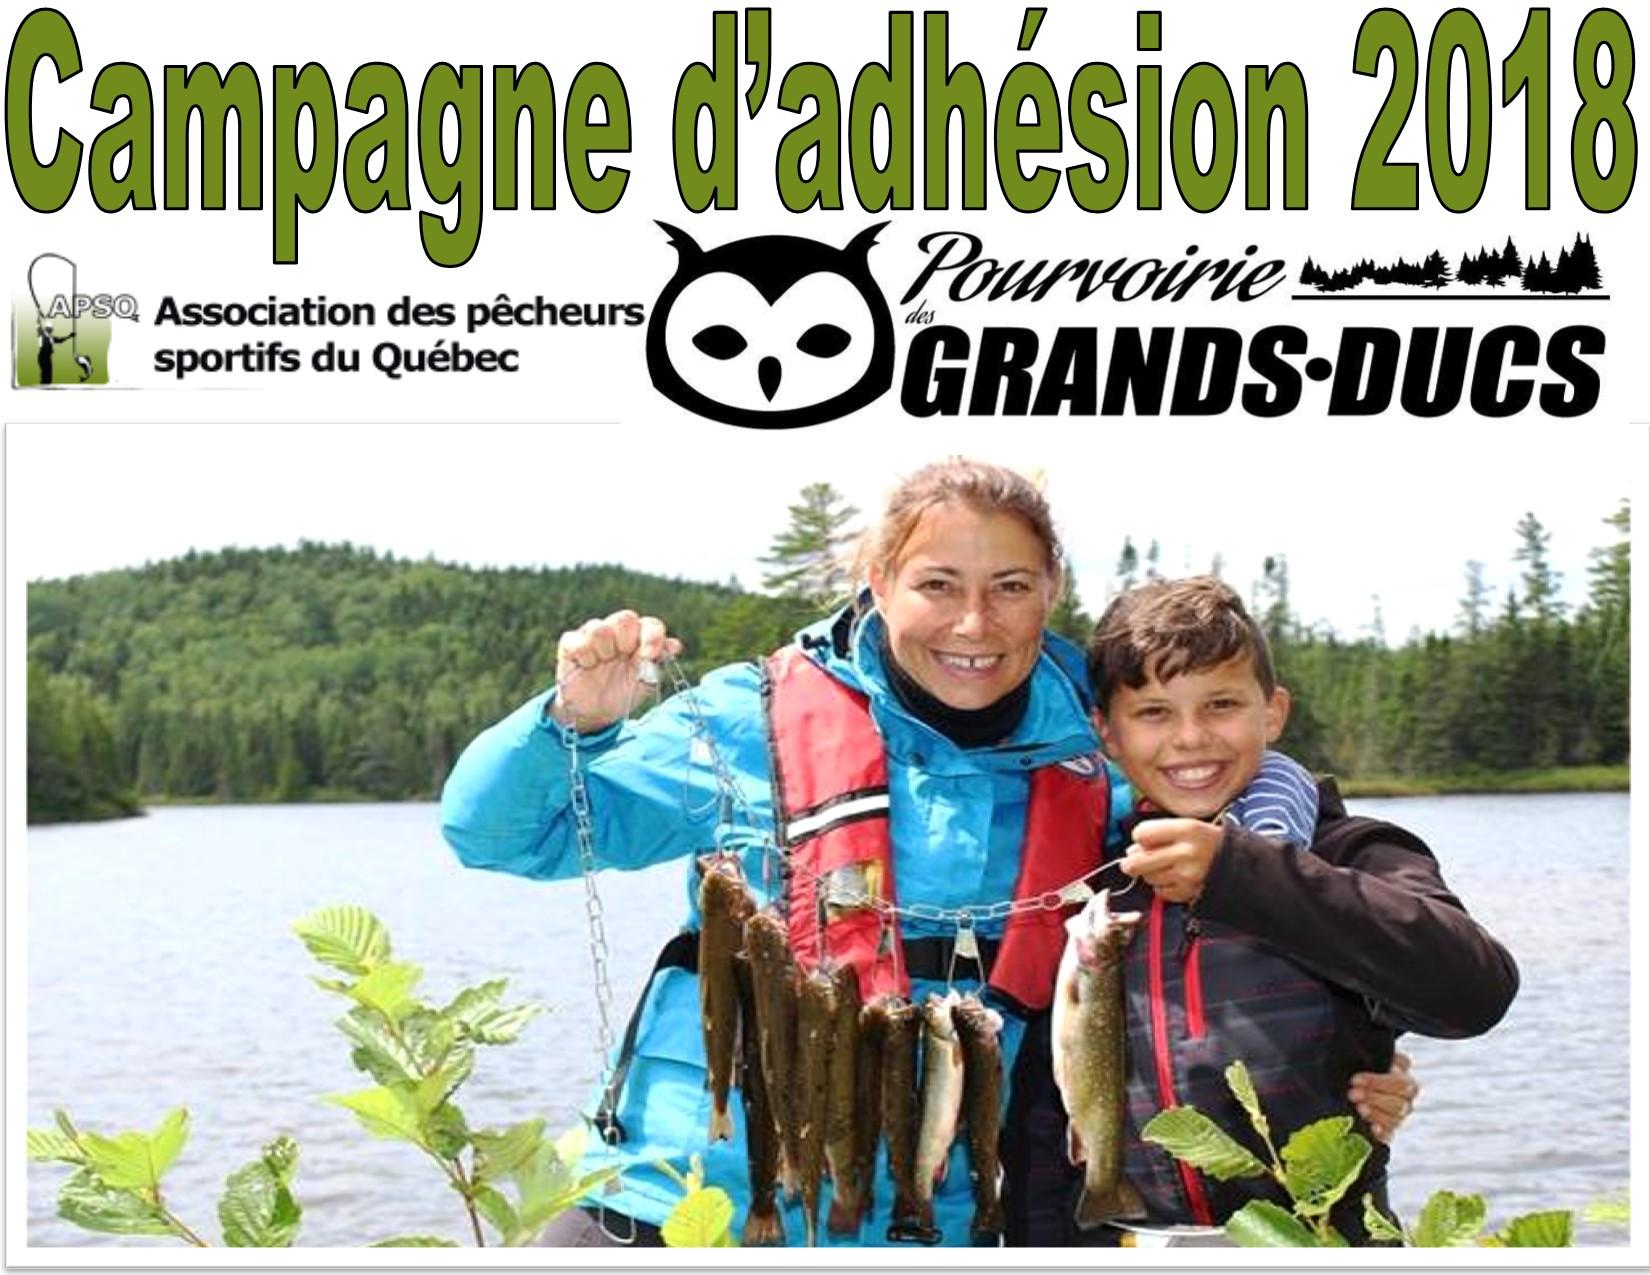 Campagne d'adhésion 2018 - Pourvoirie des Grands-Ducs